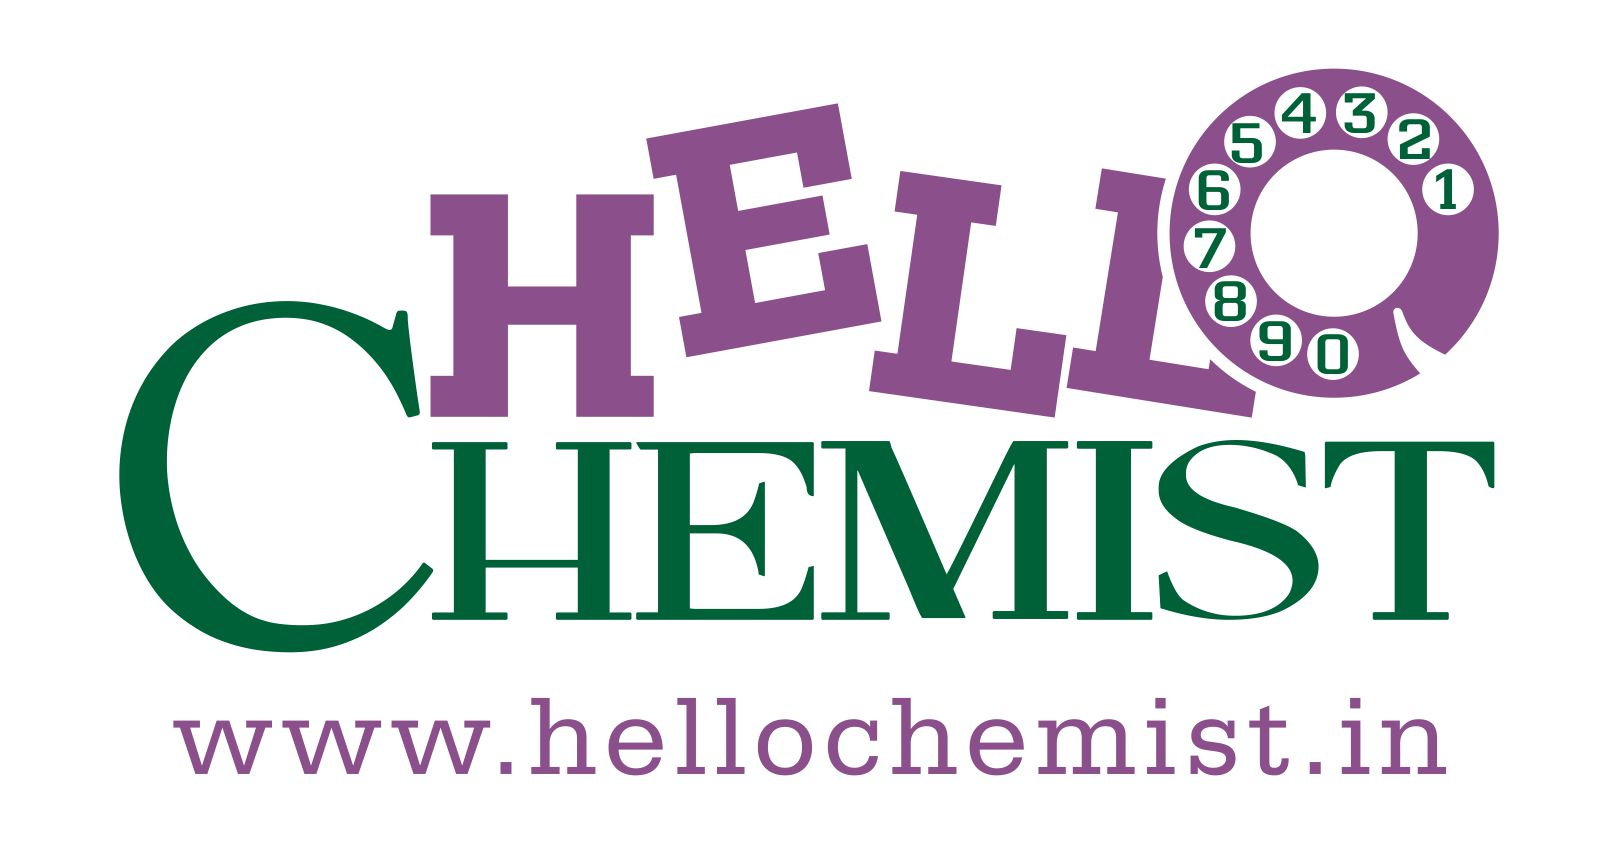 Hello Chemist